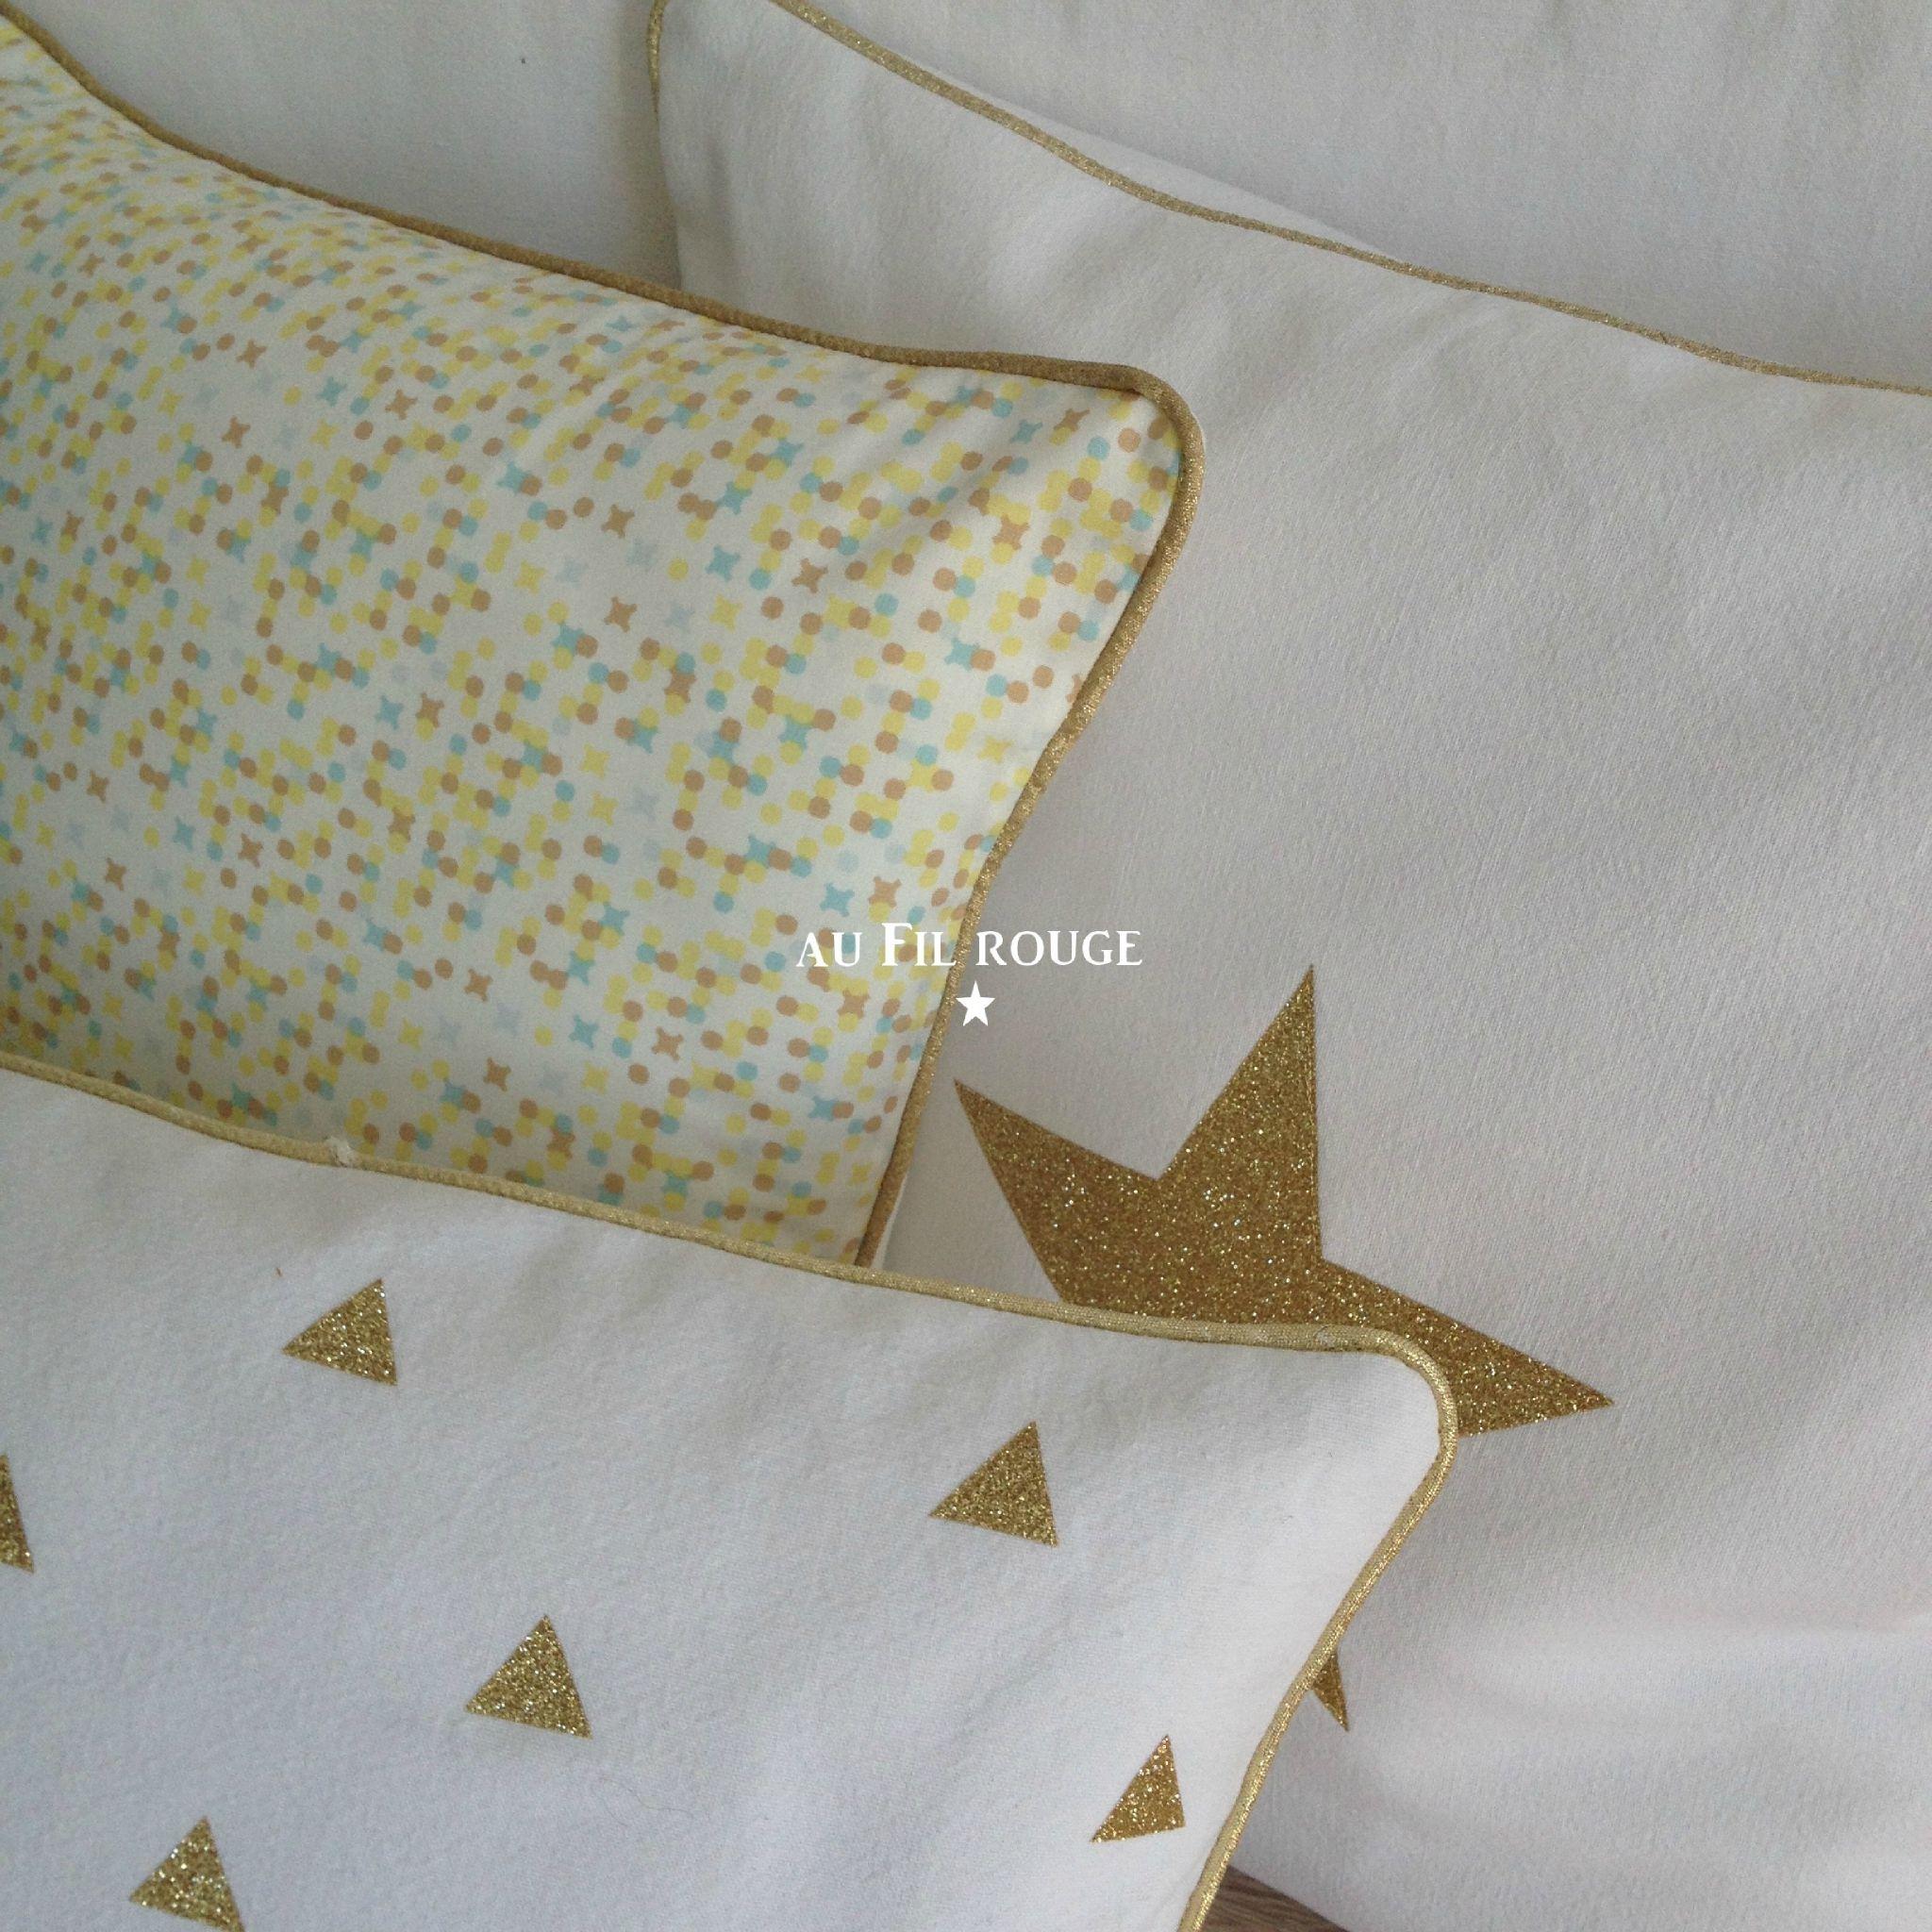 coussins blancs et or d tail 3 au fil rouge pinterest coussin blanc no l blanc et. Black Bedroom Furniture Sets. Home Design Ideas